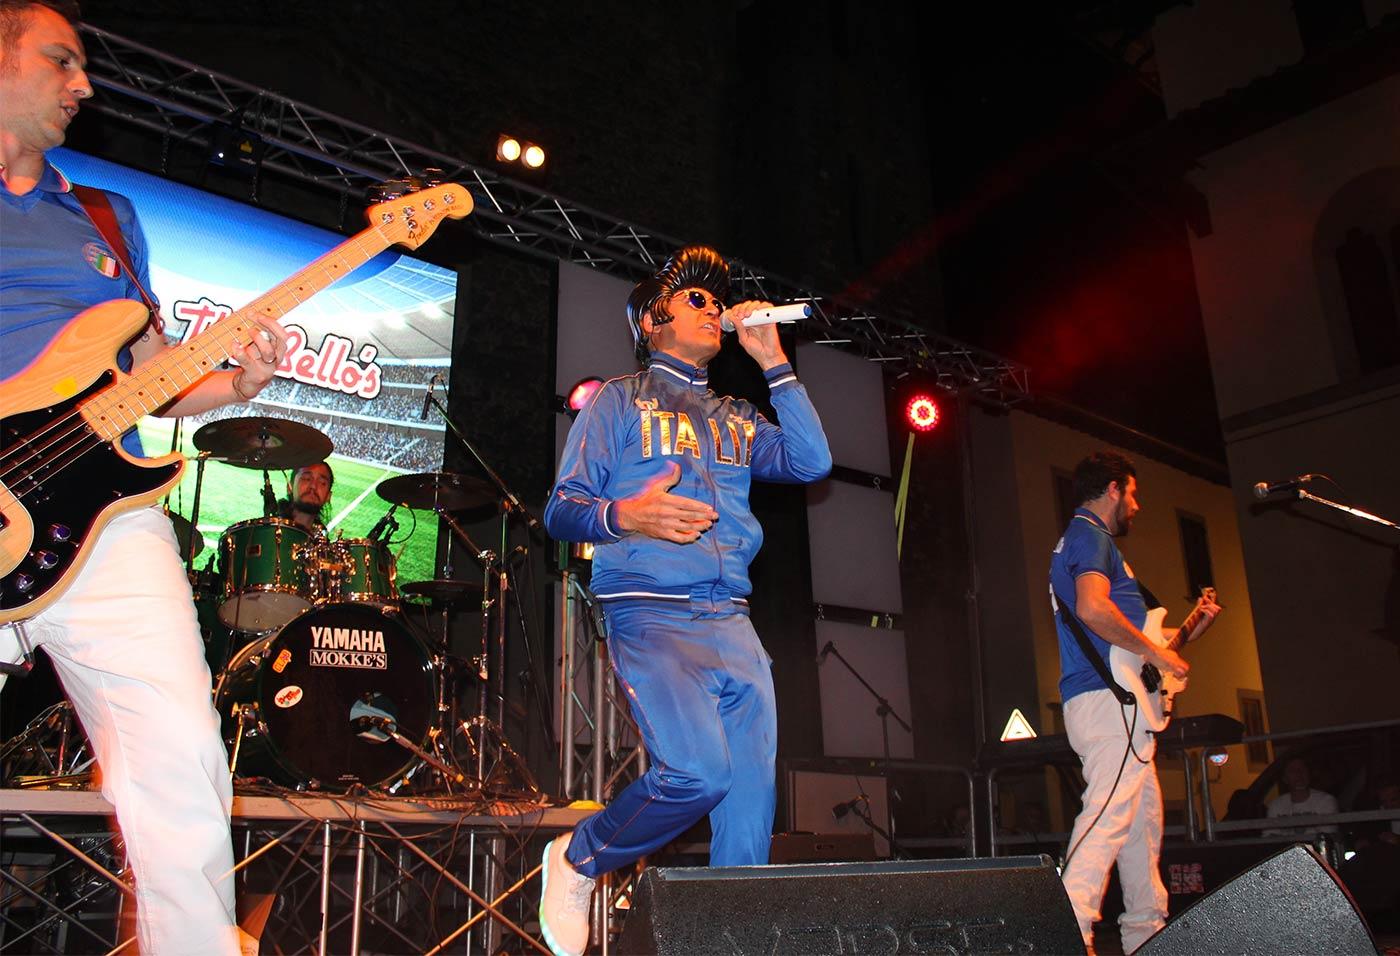 mugello-speed-sound-festival-giorno-2-11